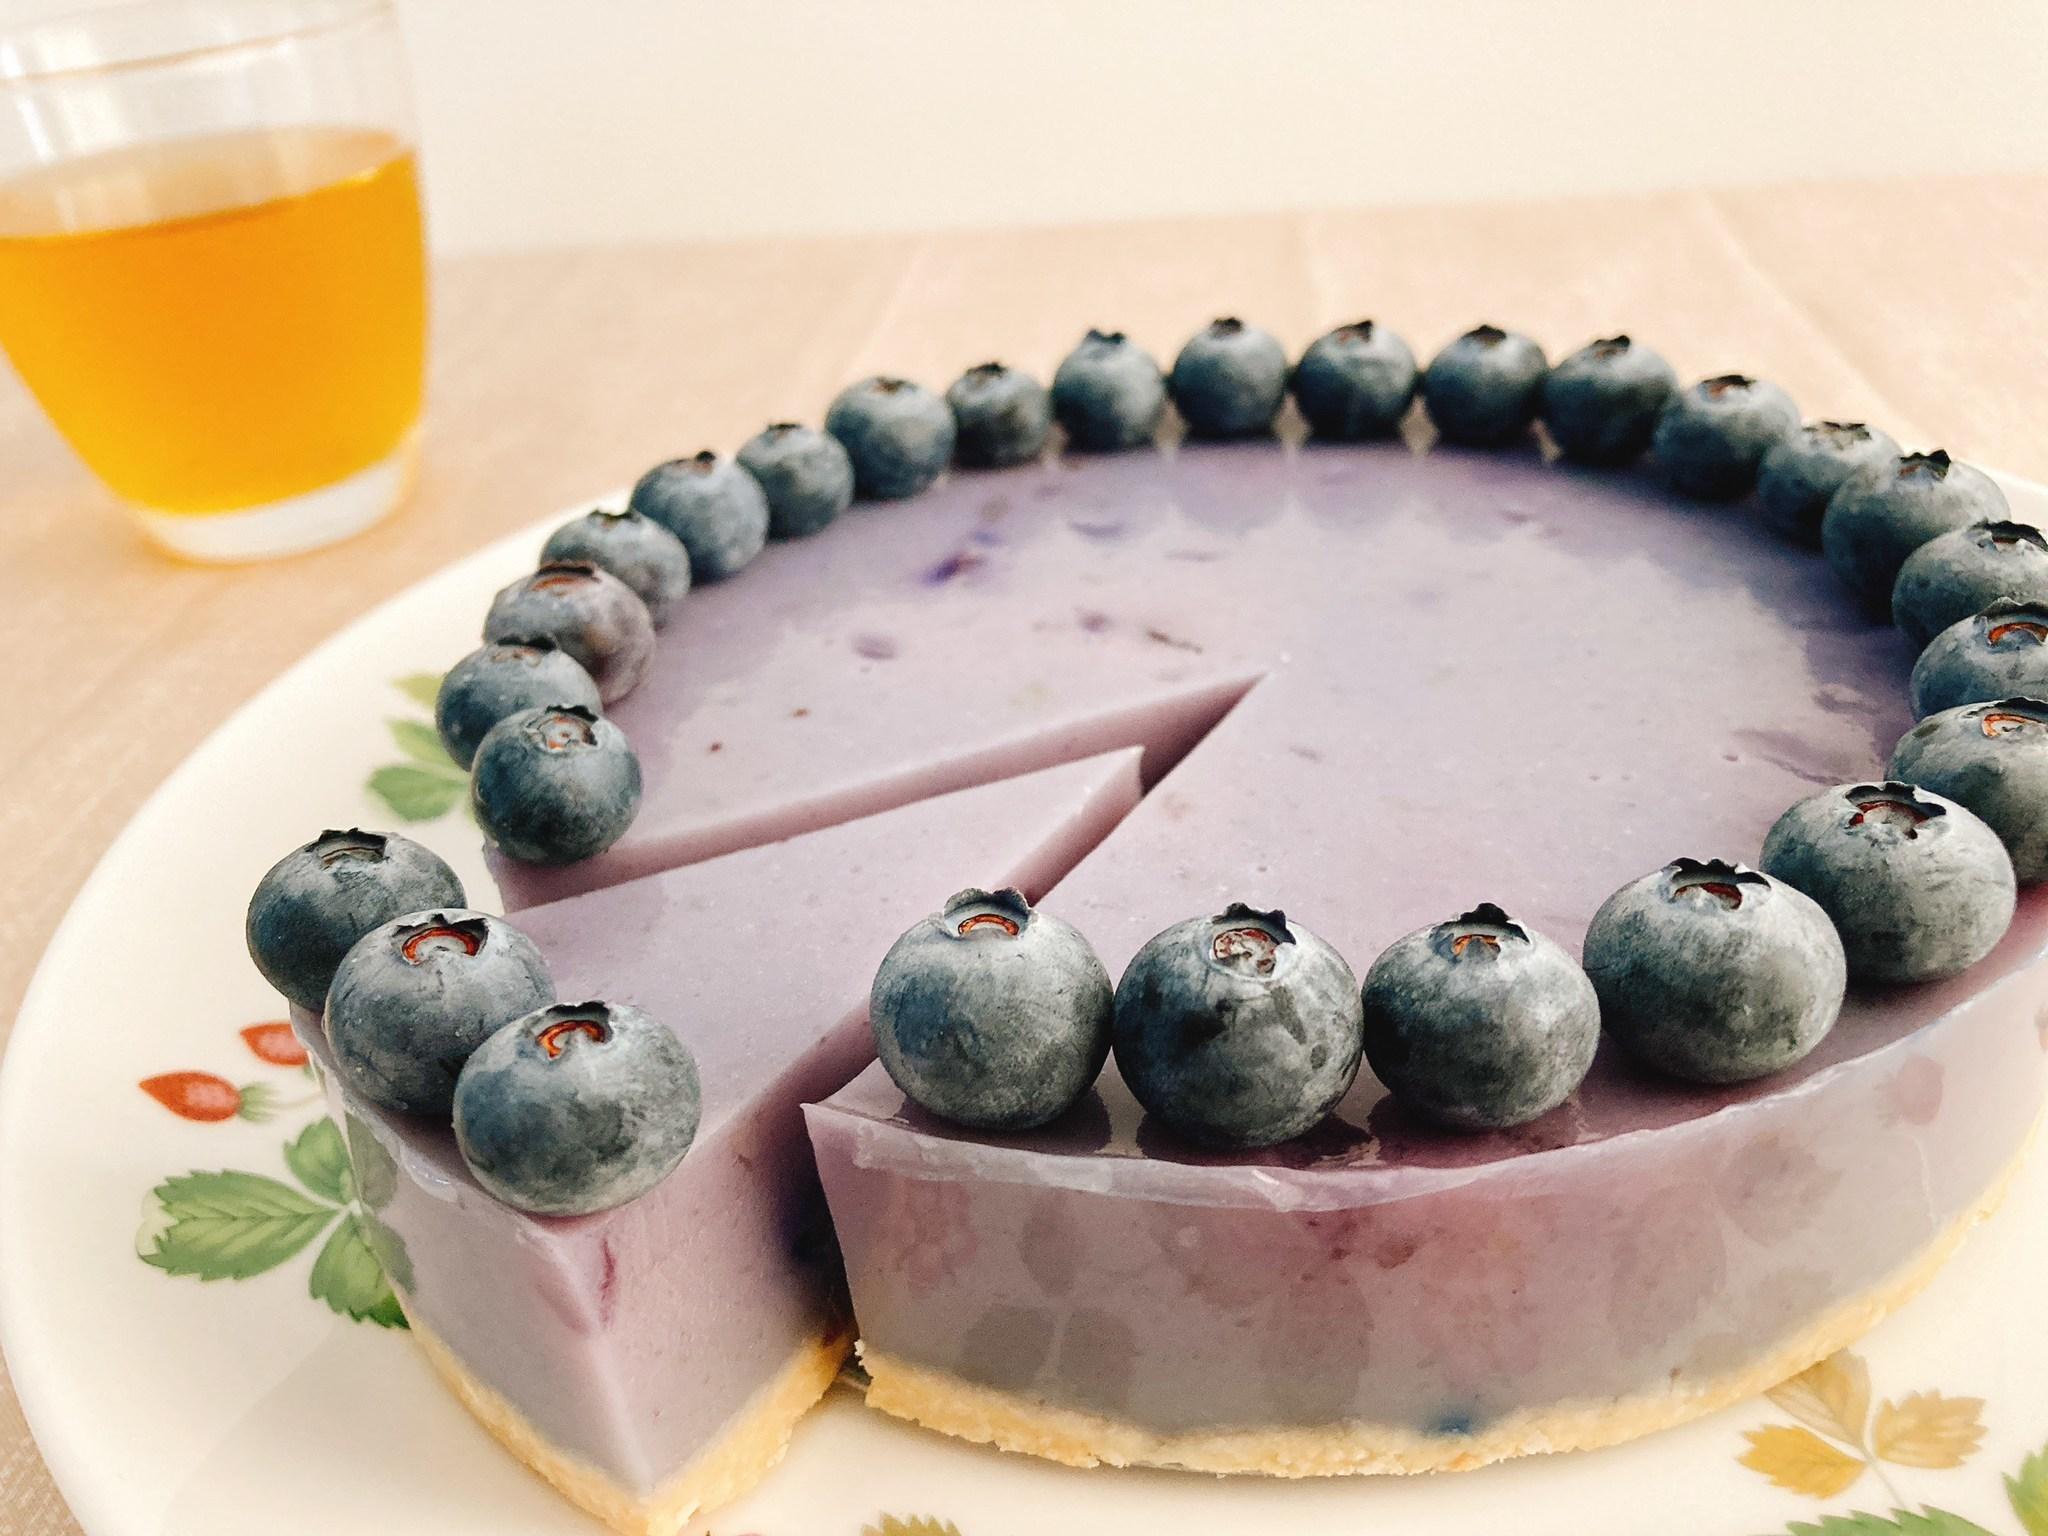 甘酸っぱい初夏の味を先取り!ヴィーガンブルーベリーケーキの作り方_c0405952_08571993.jpg